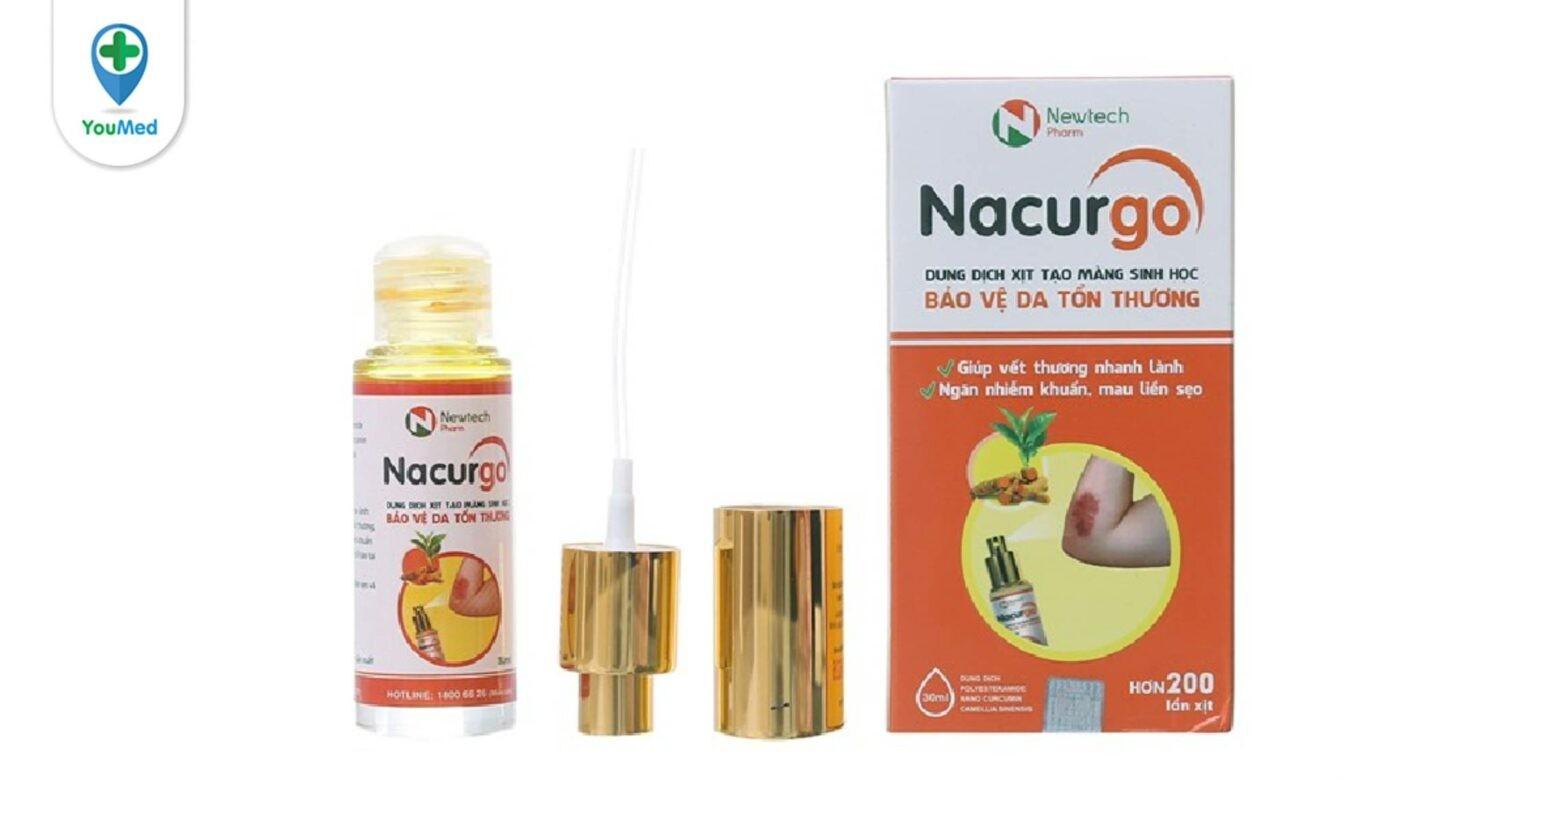 Nacurgo và 2 dòng sản phẩm điều trị các vấn đề về da